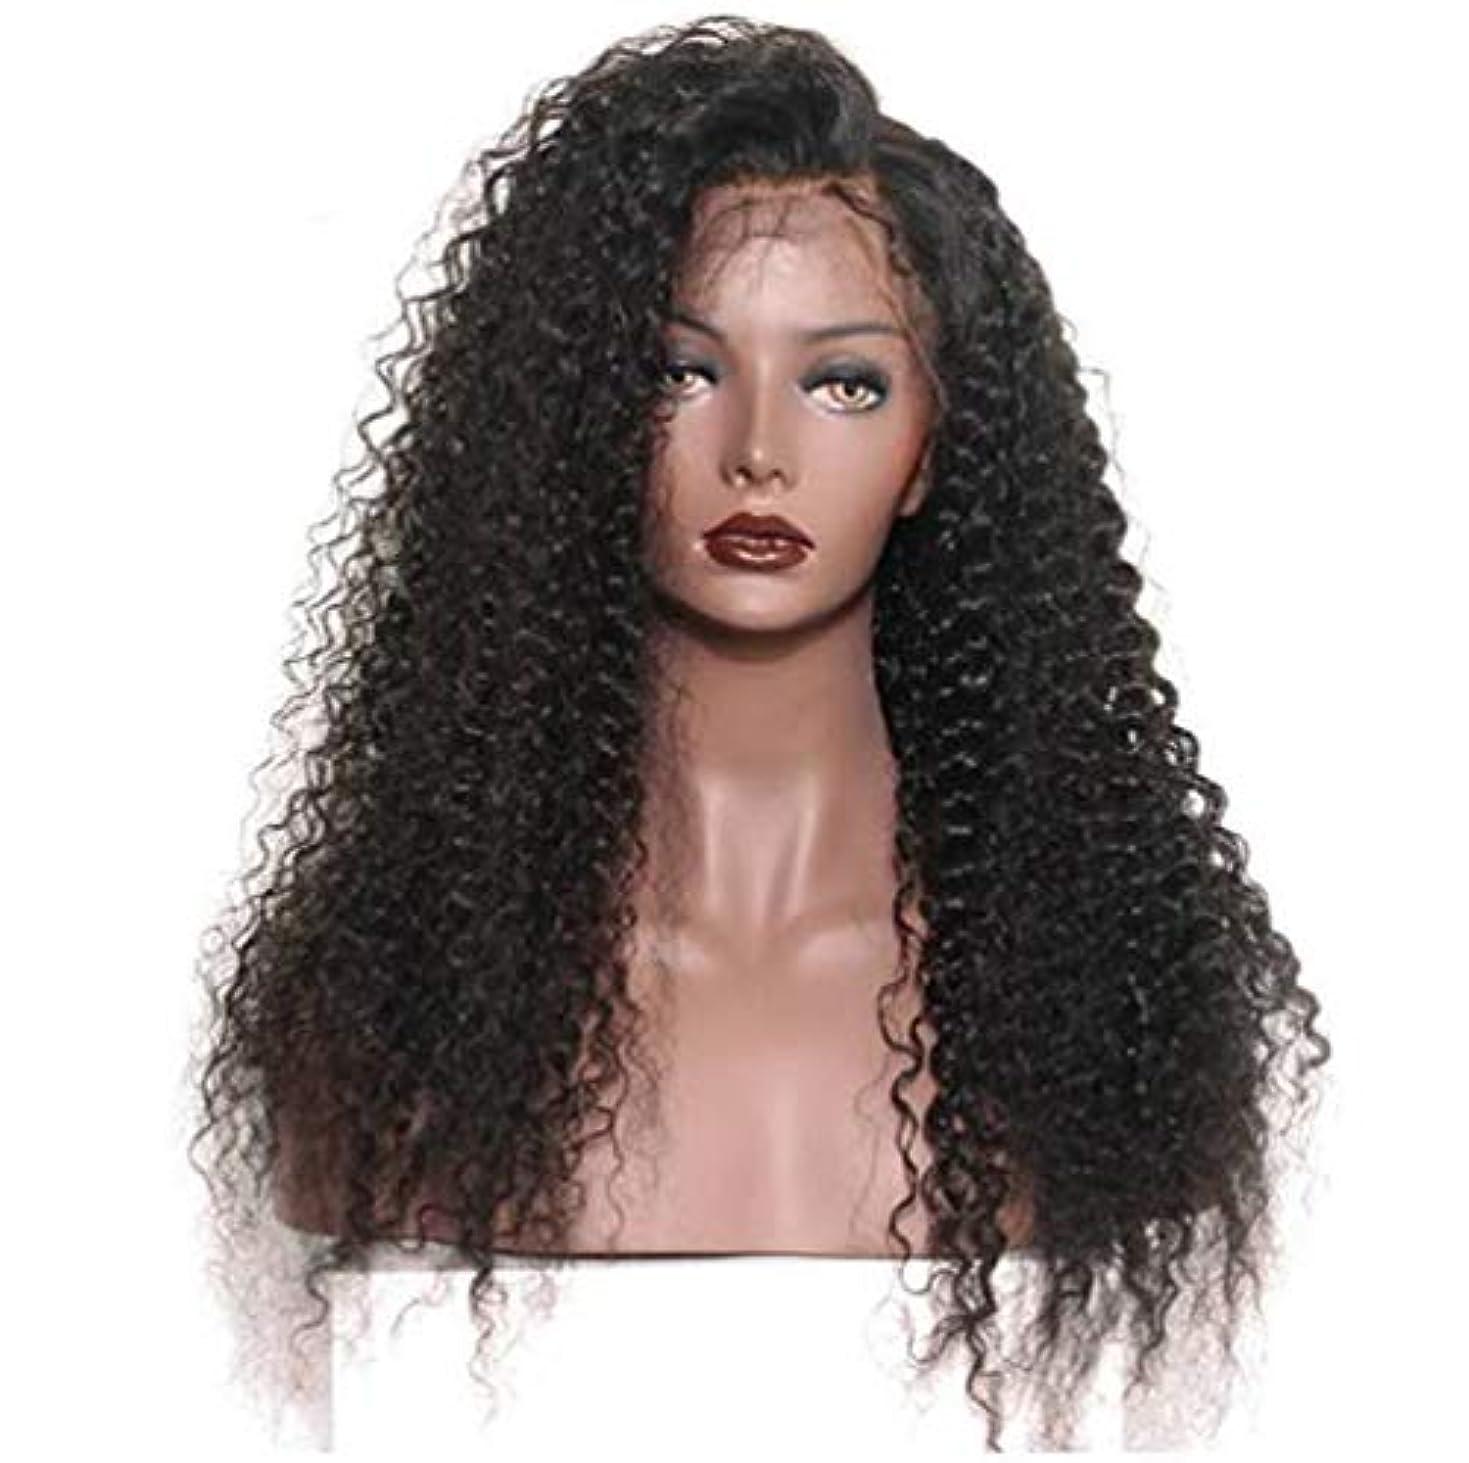 国歌戦艦キャンディー女性のレースフロントかつら人間の髪と赤ちゃんの毛合成ブラジルボディ波バージン毛150%密度黒24インチ